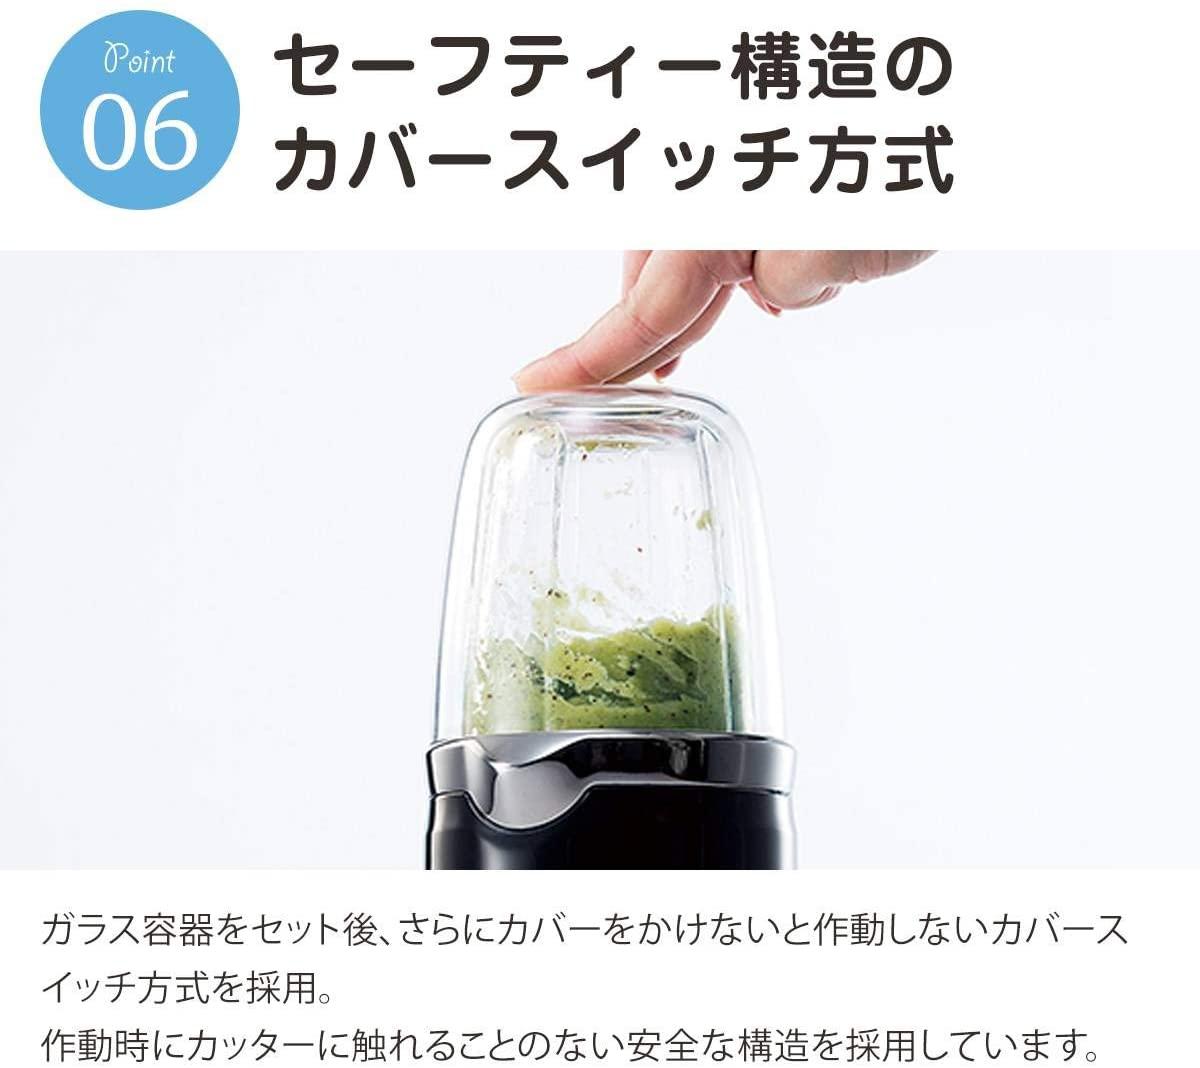 岩谷産業(Iwatani) クラッシュミルサー ブラック IFM-C20Gの商品画像8